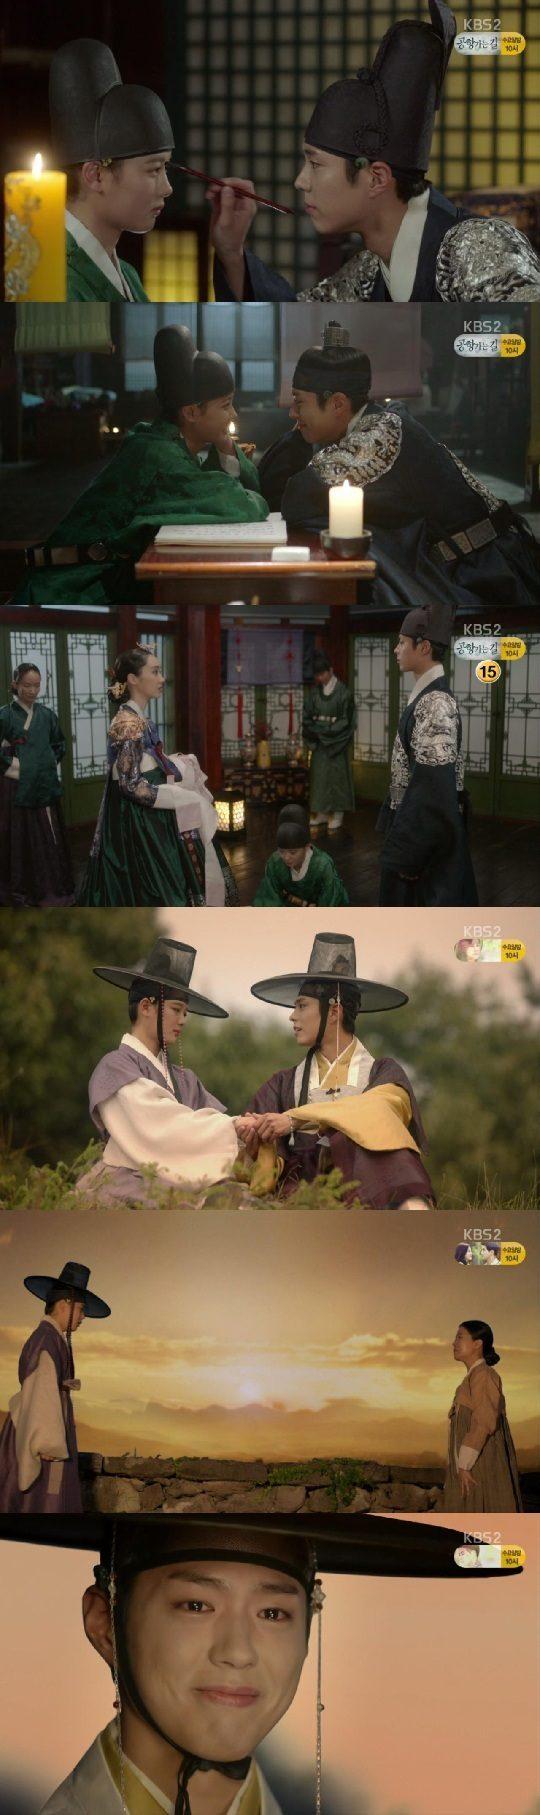 KBS2 '구르미 그린 달빛' / 사진=방송 화면 캡처